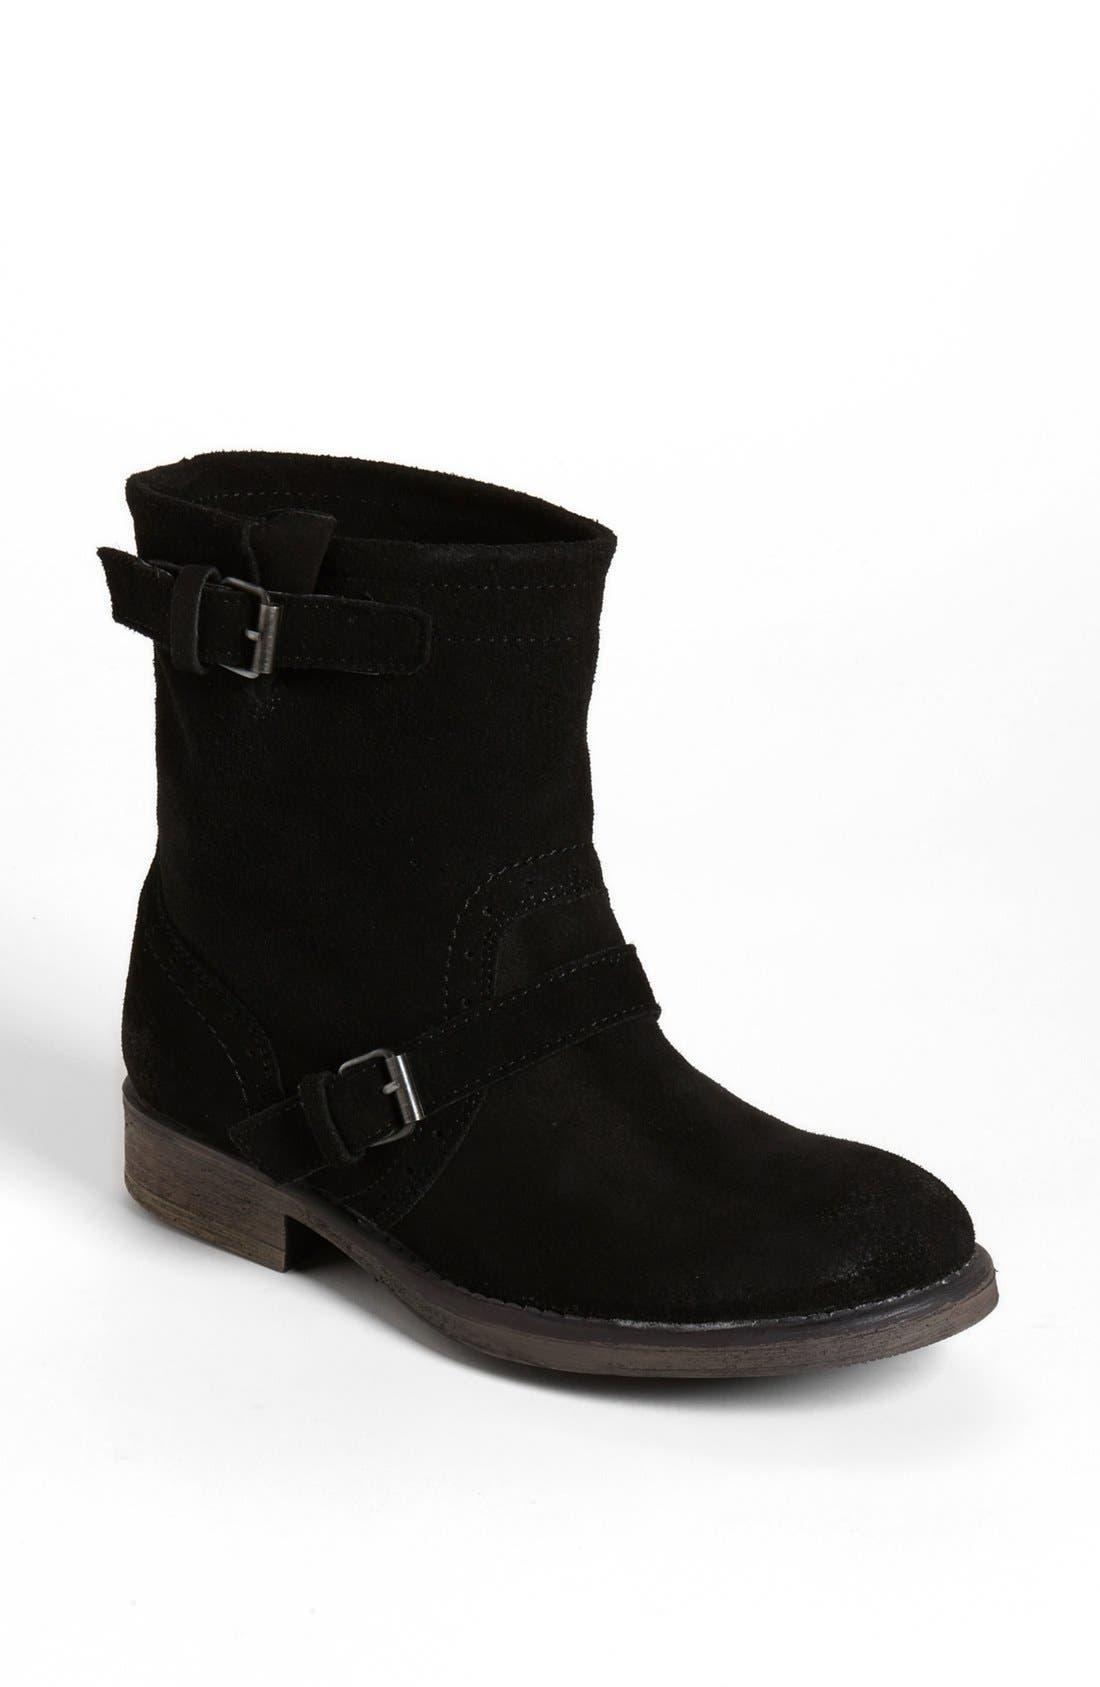 Main Image - ZiGi girl 'Chilly' Boot